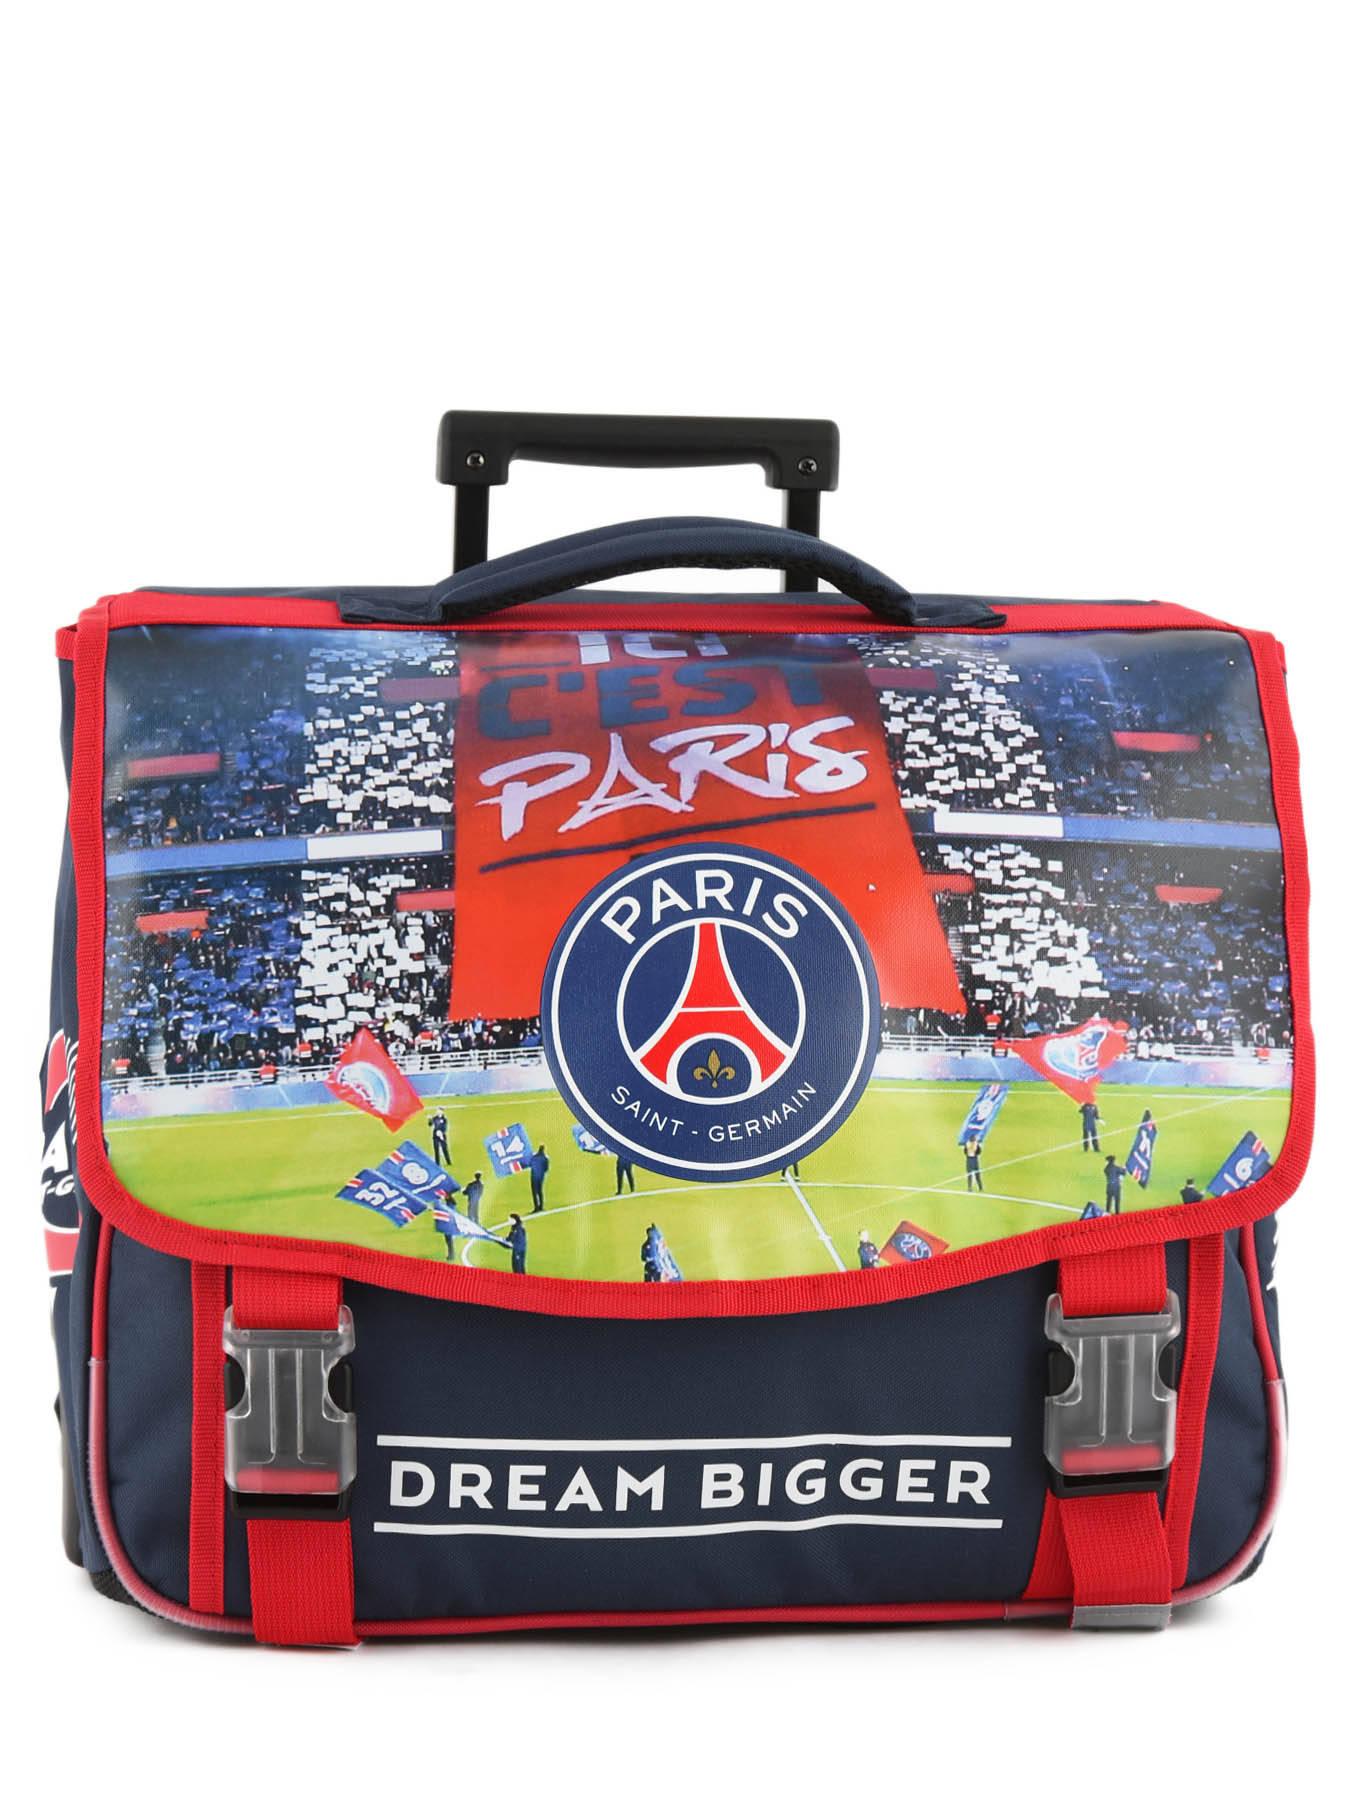 e72a59eafe ... Wheeled Schoolbag 2 Compartments Paris st germain Black ici c'est paris  173P203R ...